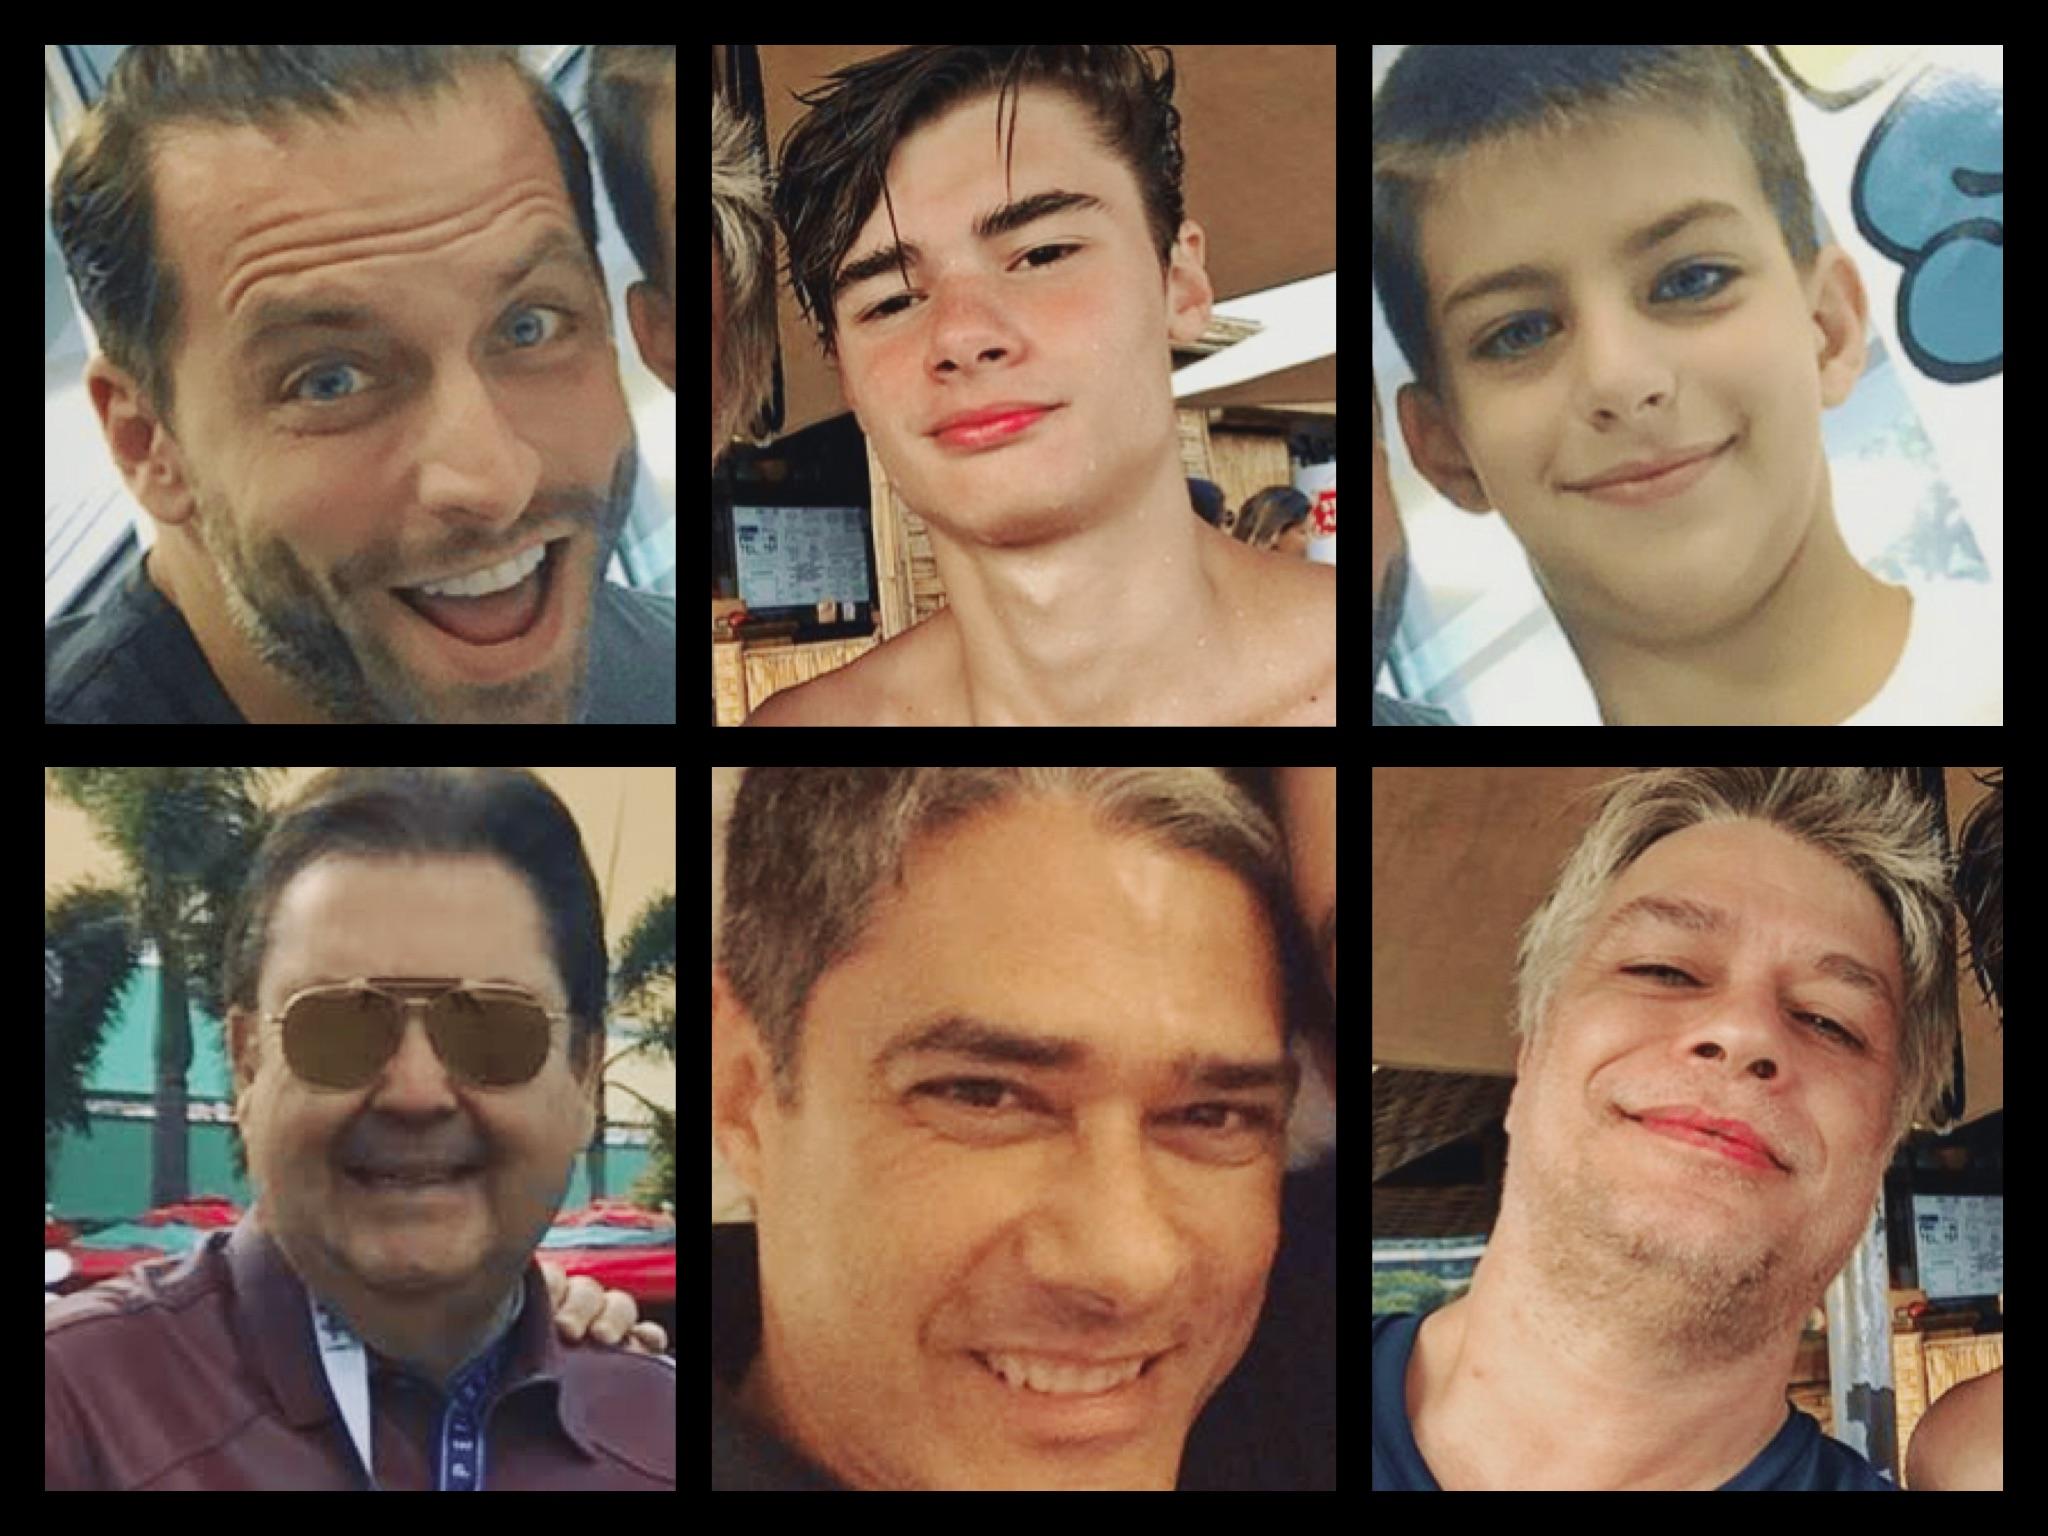 Pais famosos com seus filhos parecidos.